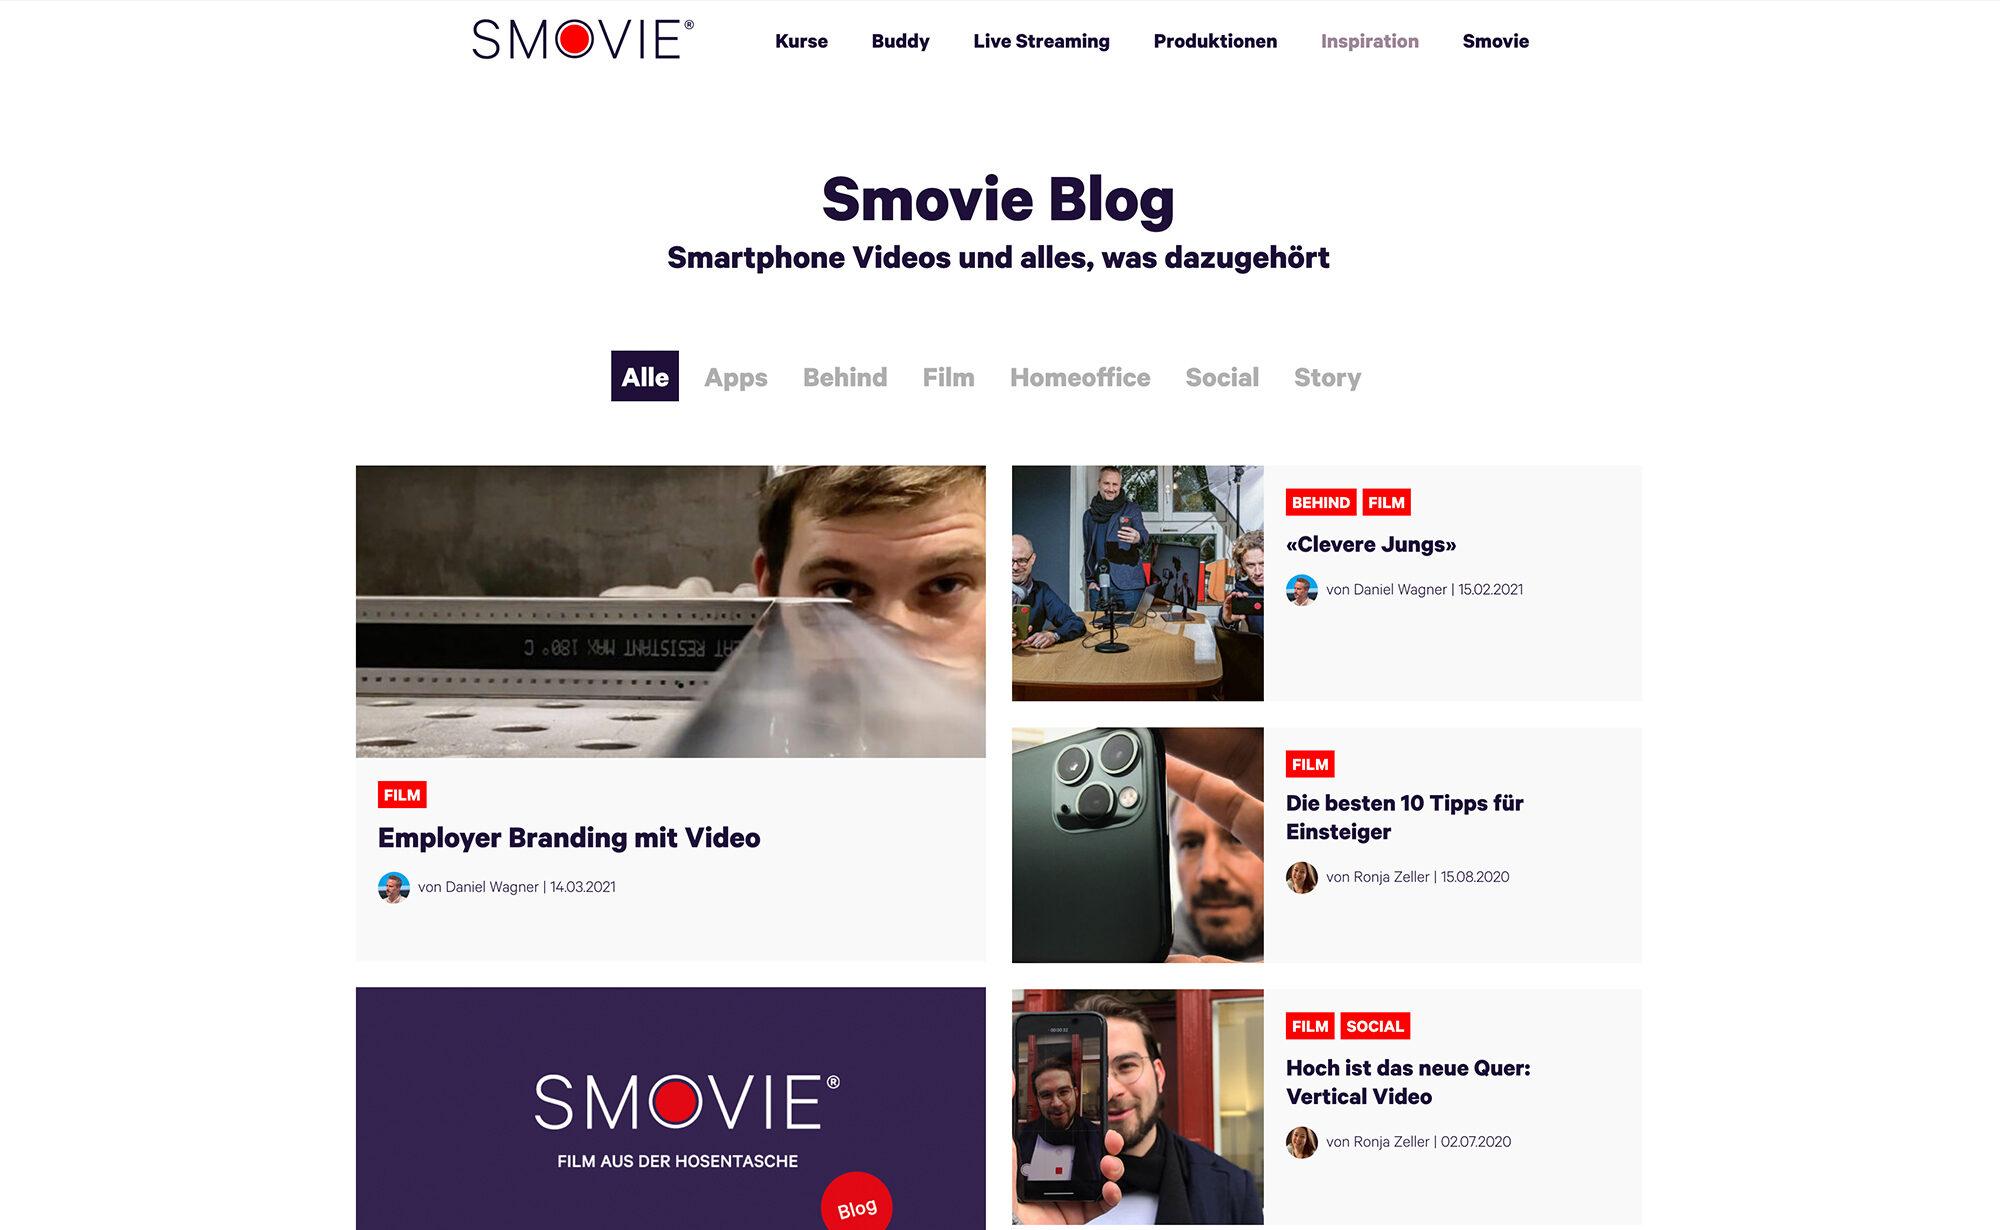 Blog Übersicht, Screenshot Website - Smovie Film GmbH, smovie.ch